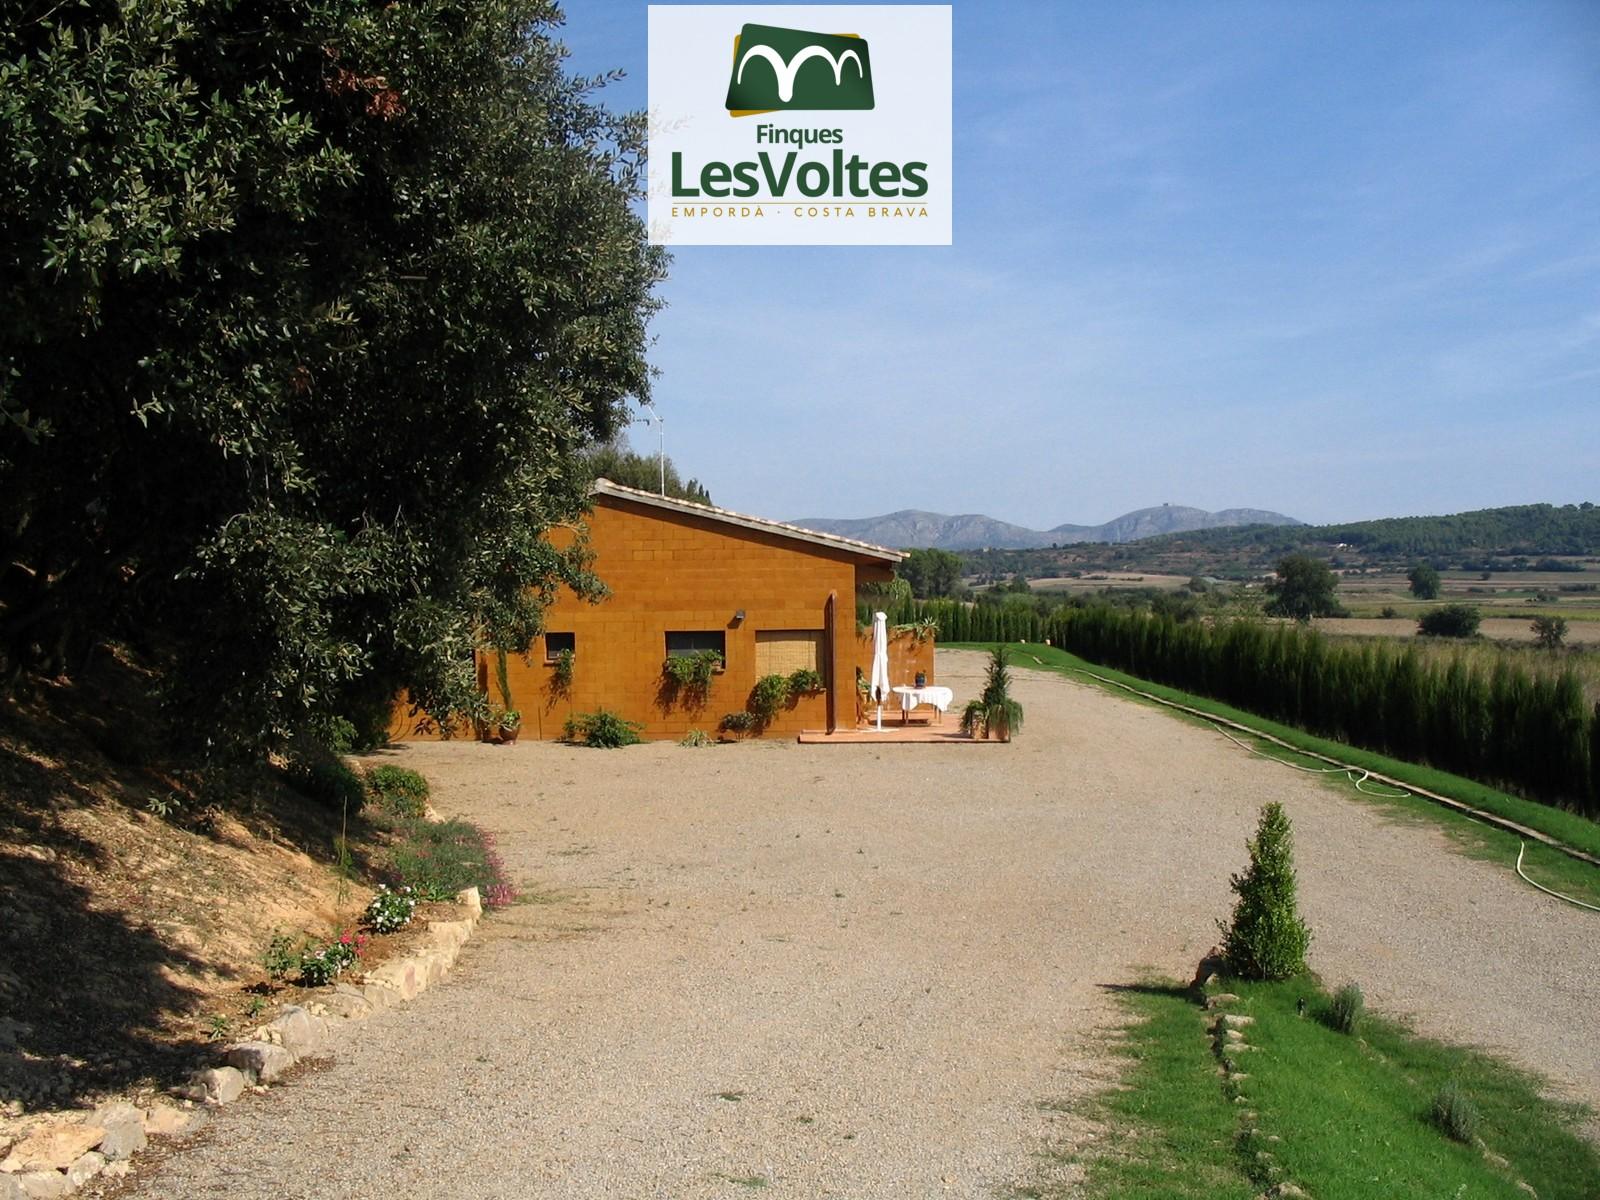 Excepcional propietat de 10.000 m2 en venda al Baix Empordà amb immillorables vistes. Màxima privacitat